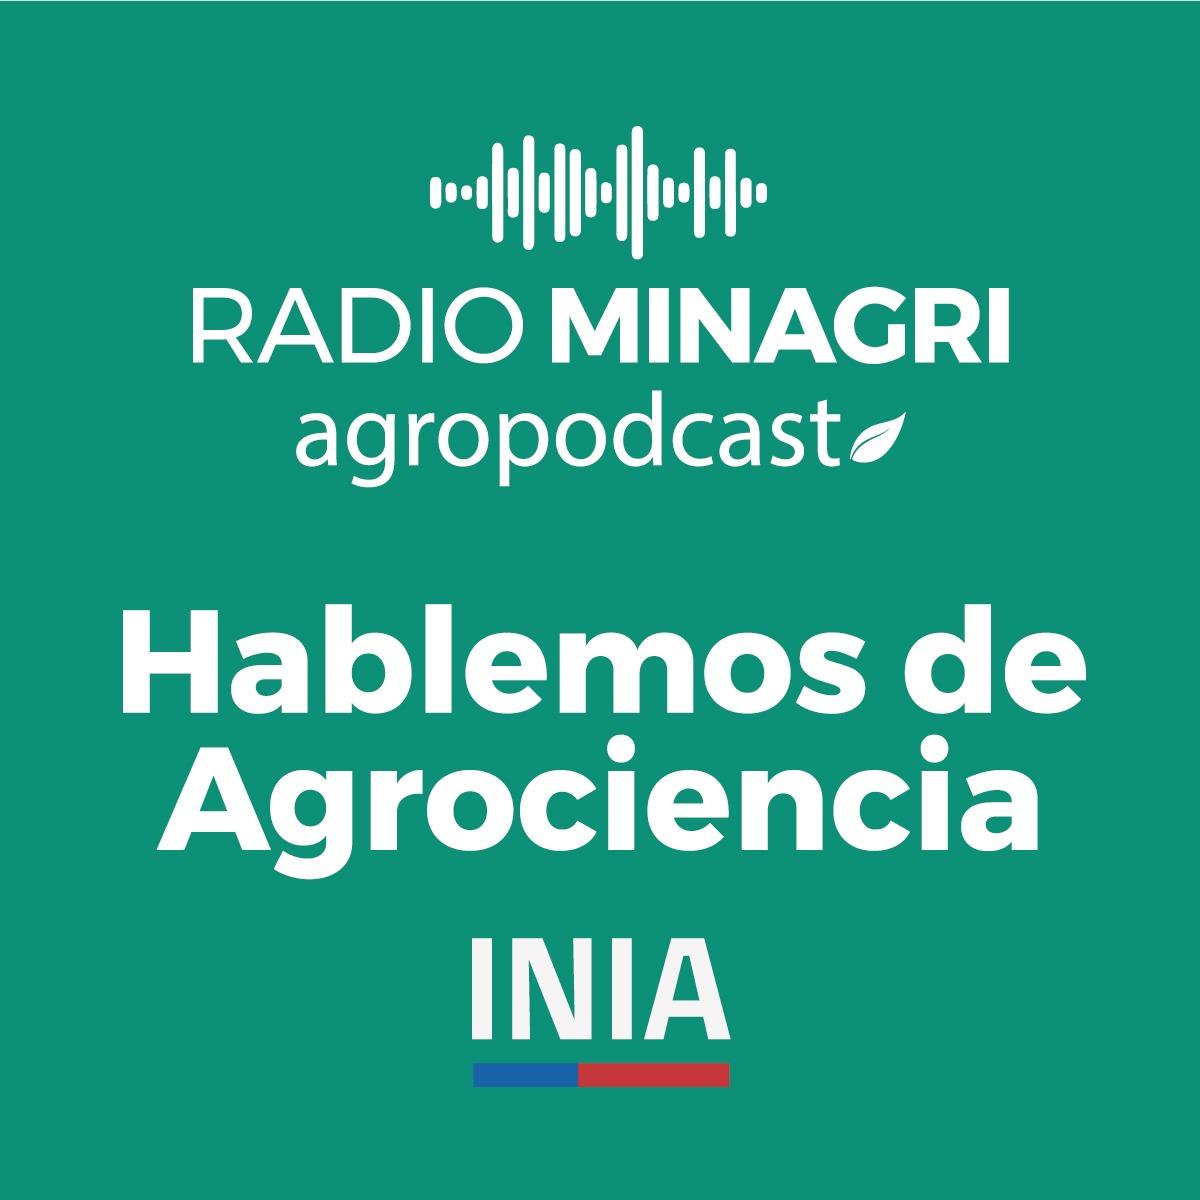 Hablemos de agrociencia – Episodio 2: Estudios sobre la carne y el vino